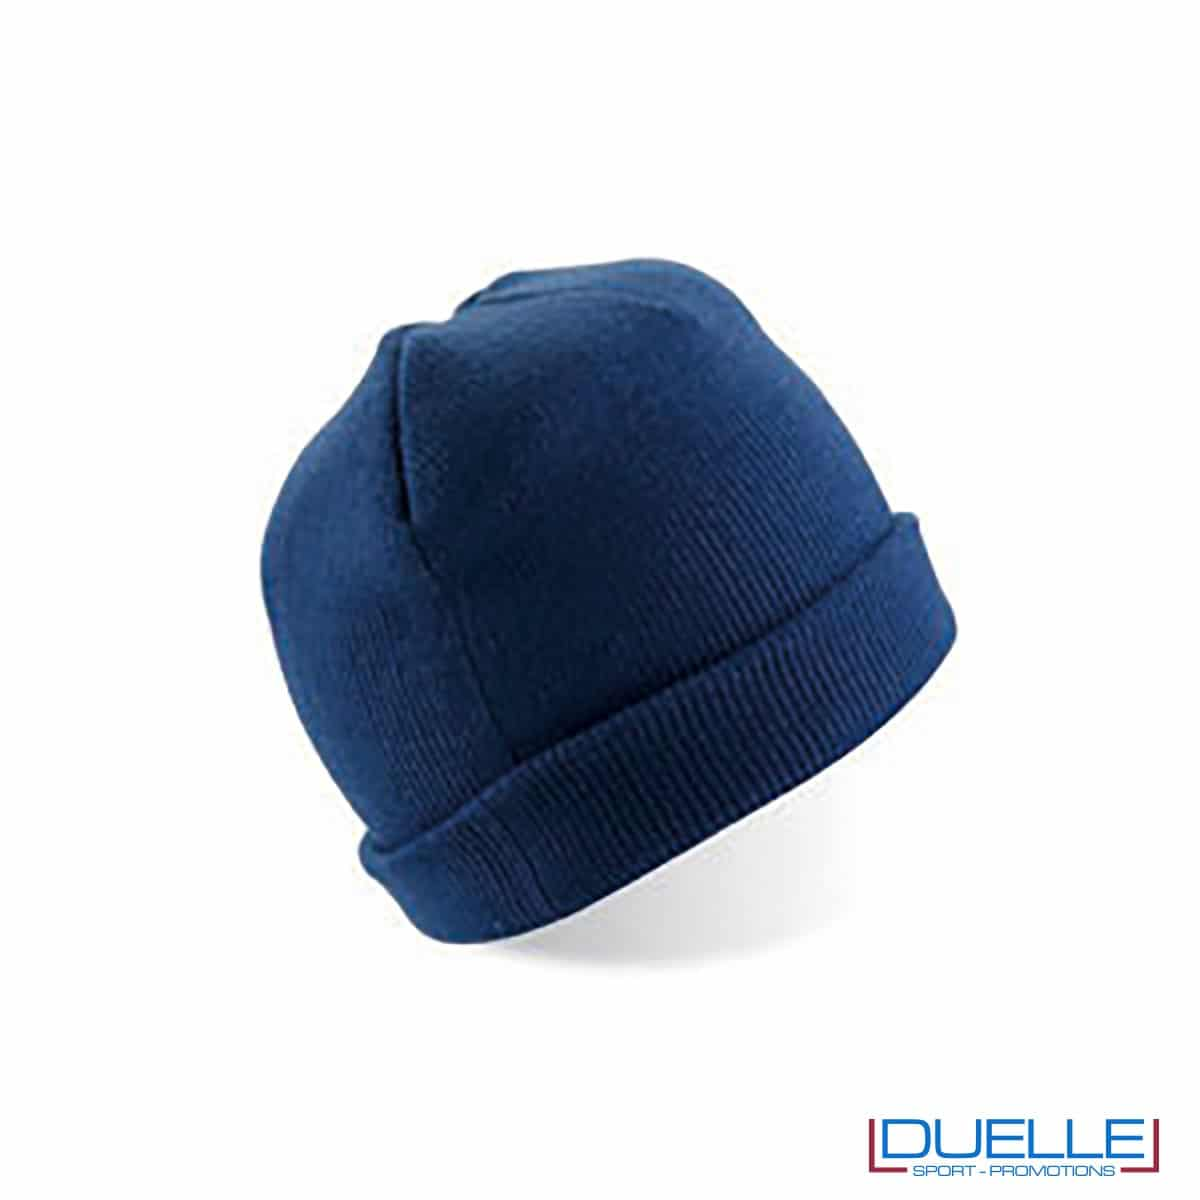 cappello personalizzato inverno in tessuto pesante colore blu navy